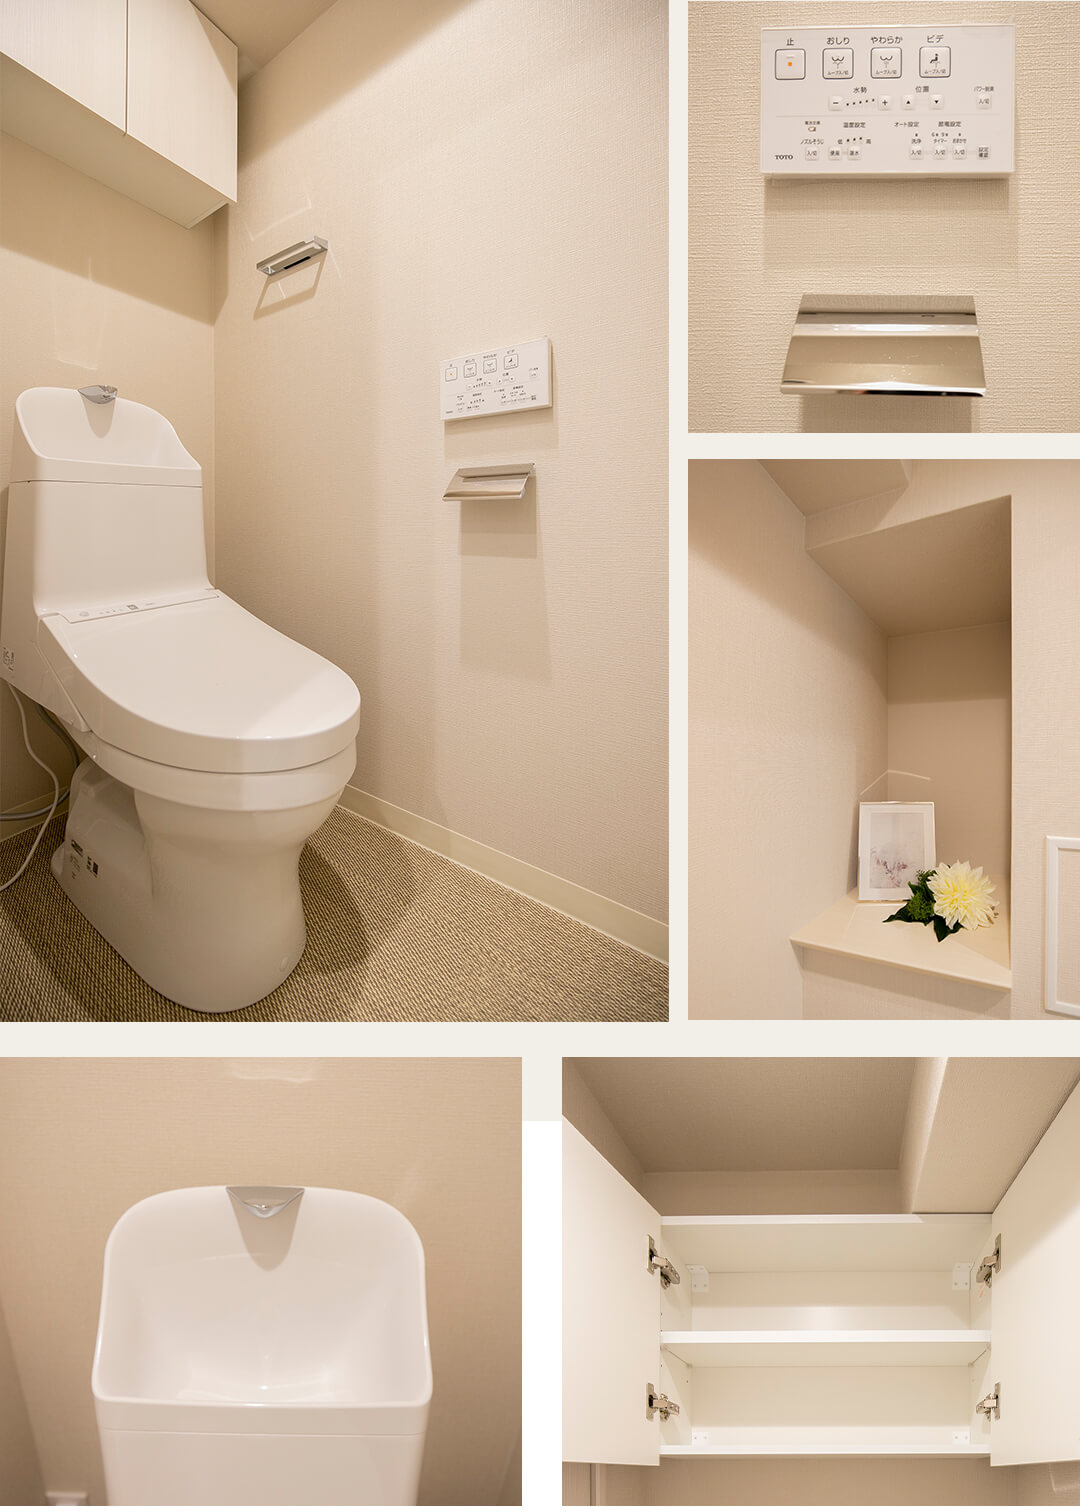 グランスイースト世田谷桜丘のトイレ